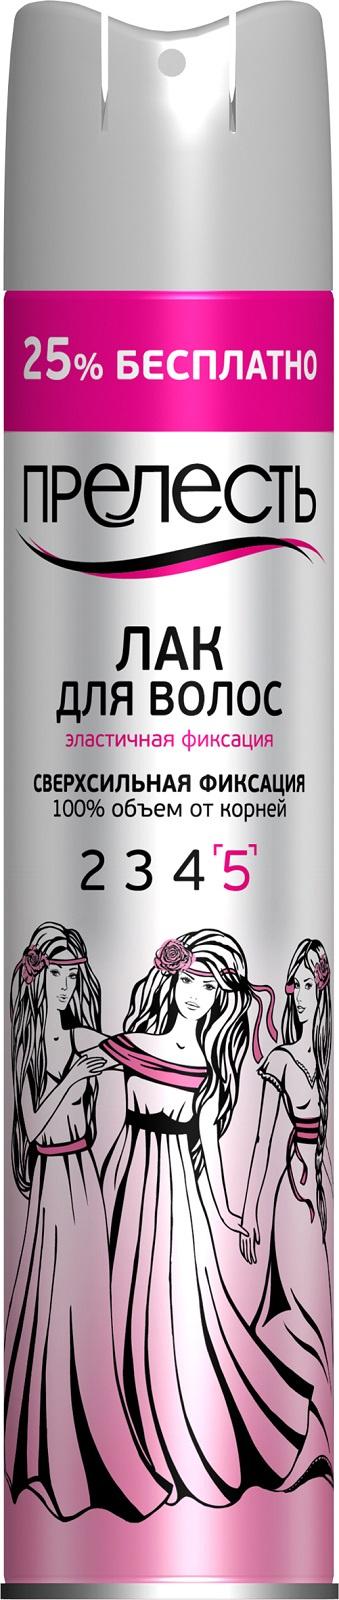 Лак для волос Прелесть Сверхсильная фиксация промо-формат, 250 мл для волос фаберлик отзывы